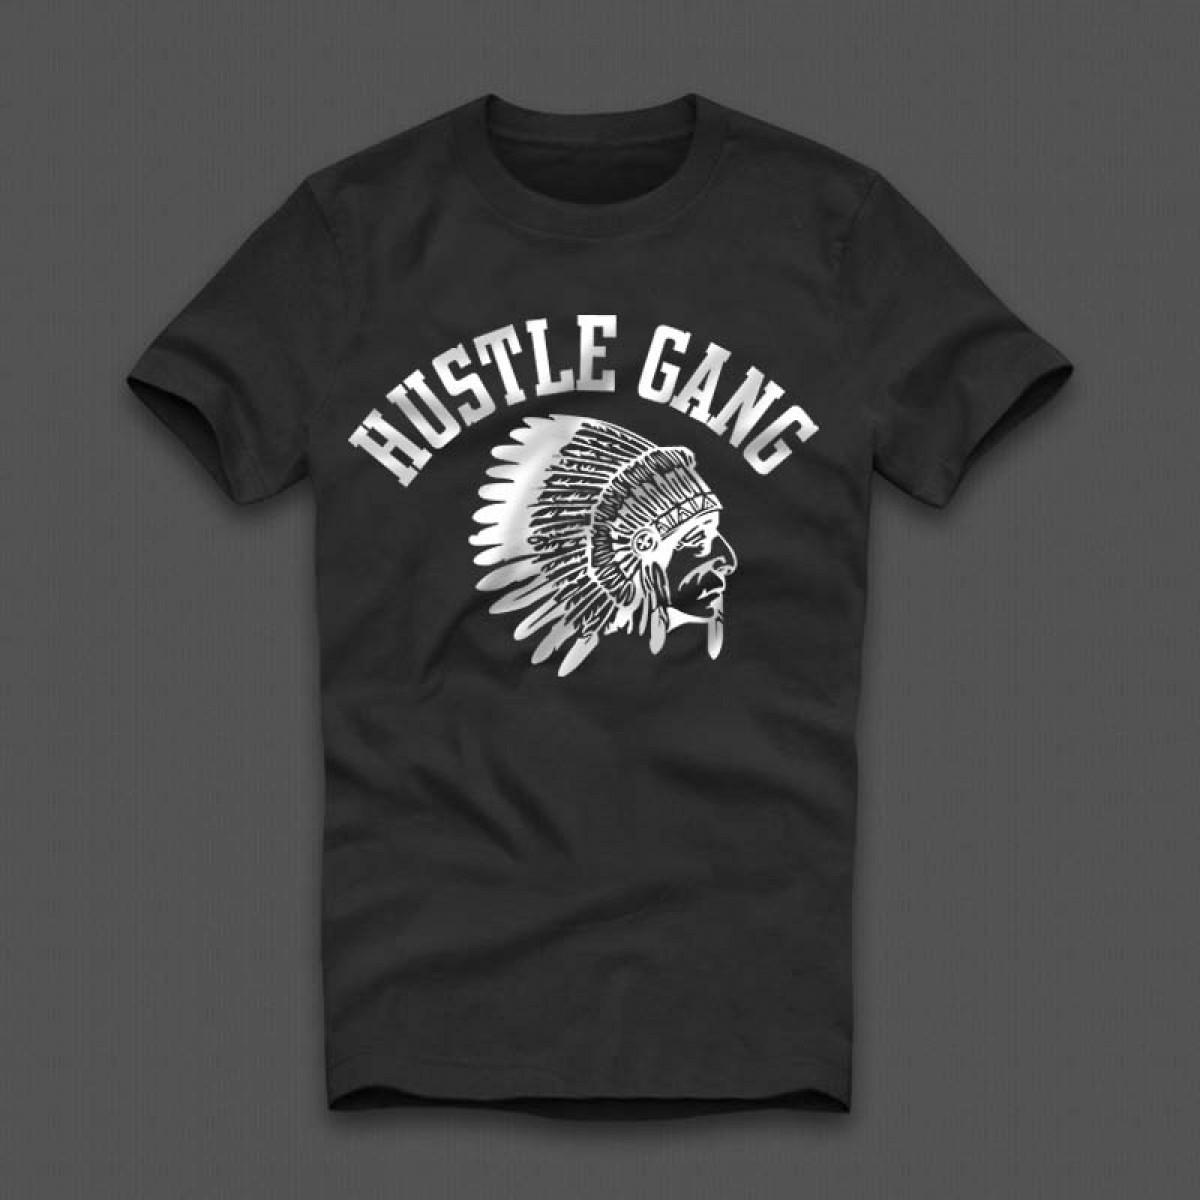 Hustle Gang Shirts Hustle gang t shirt by ti 1200x1200